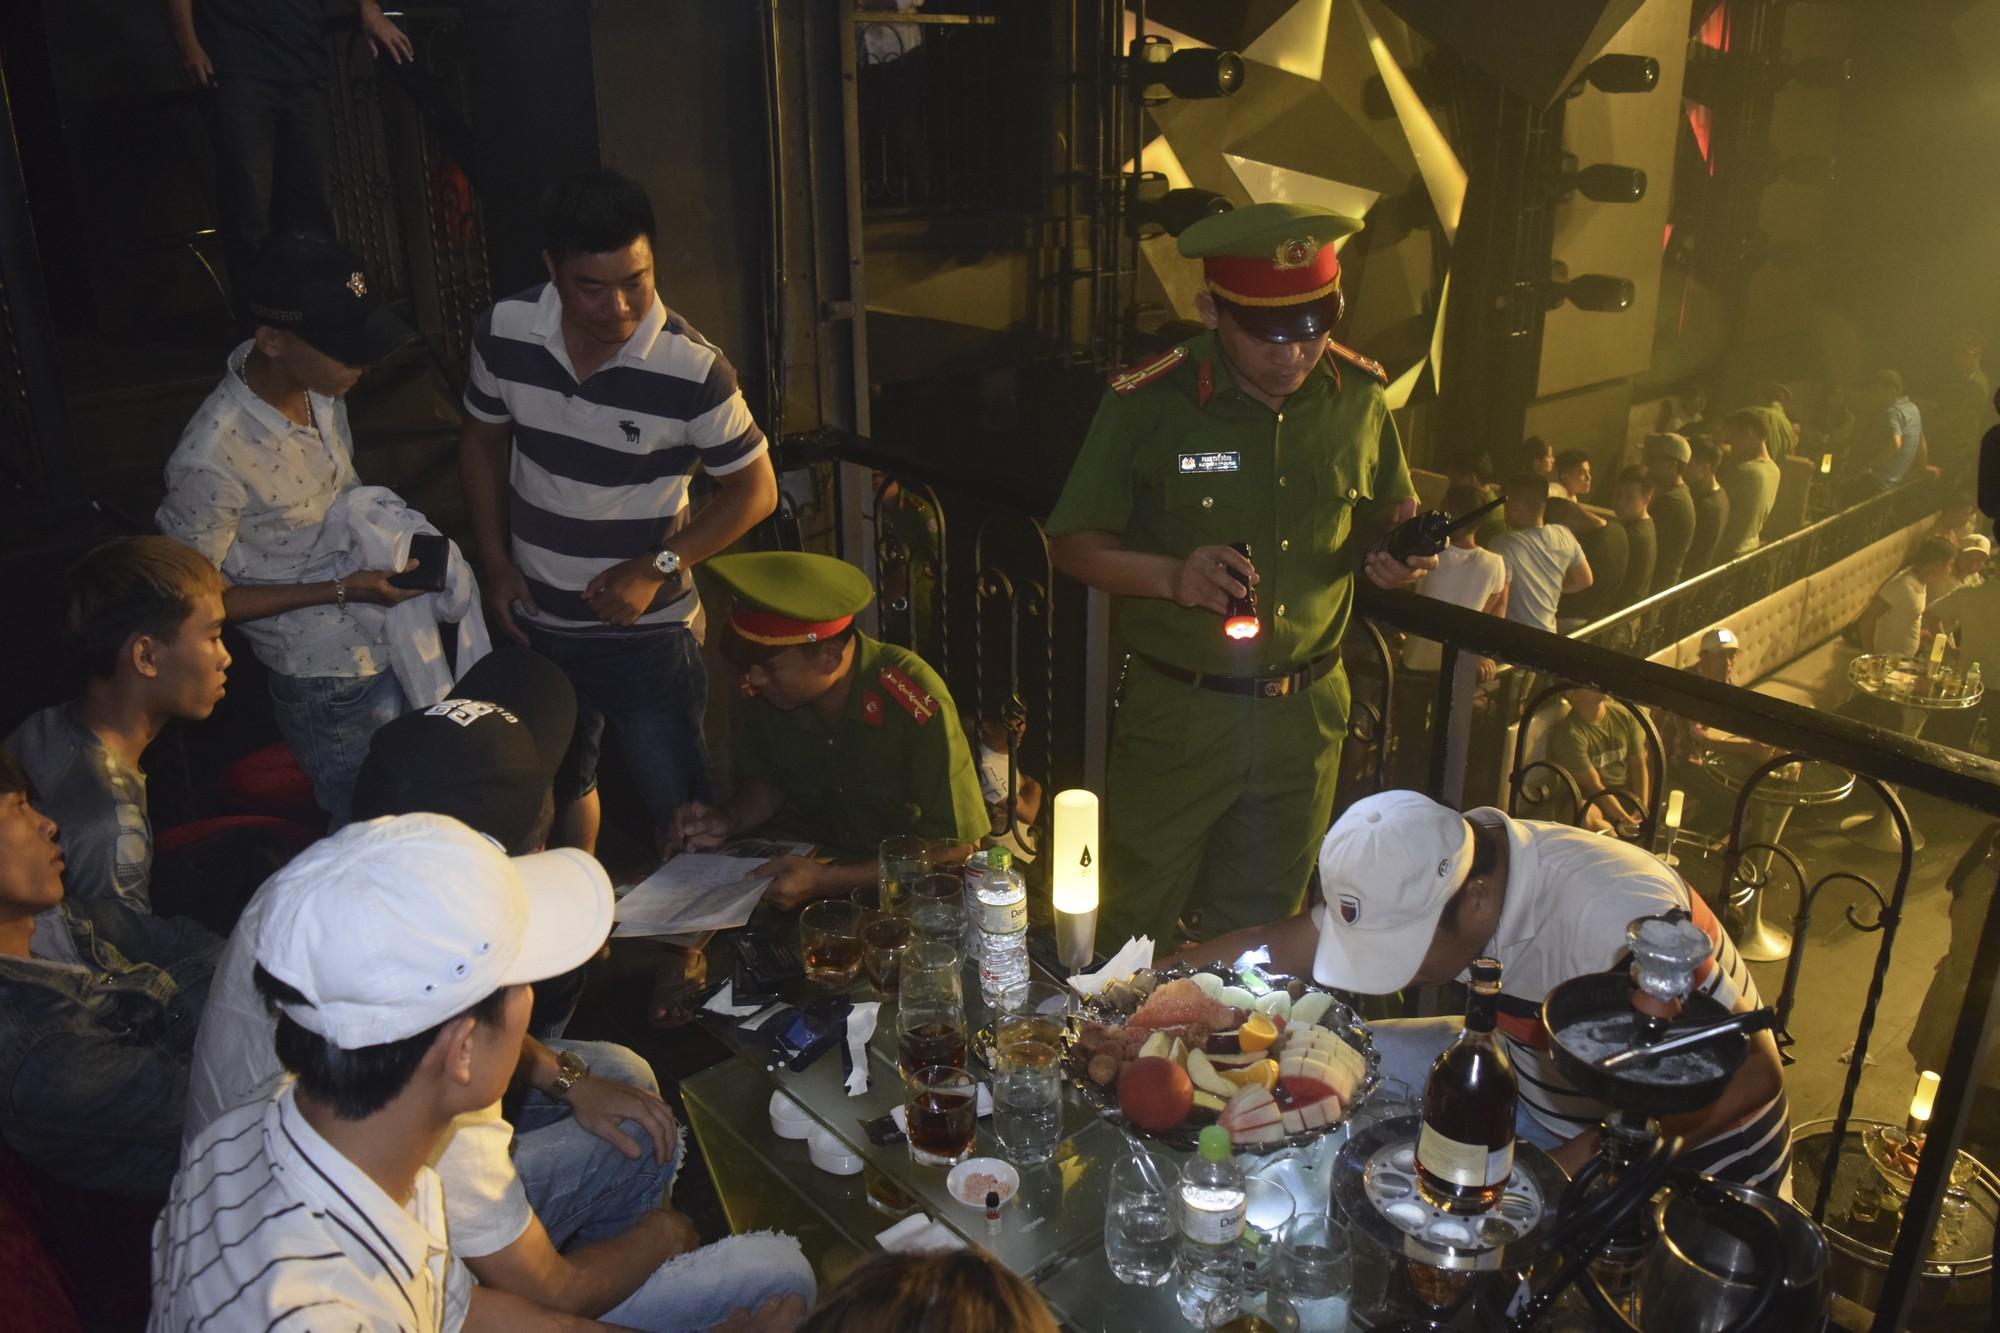 50 thanh niên nam nữ dương tính với ma tuý trong quán bar ở Huế - Ảnh 1.